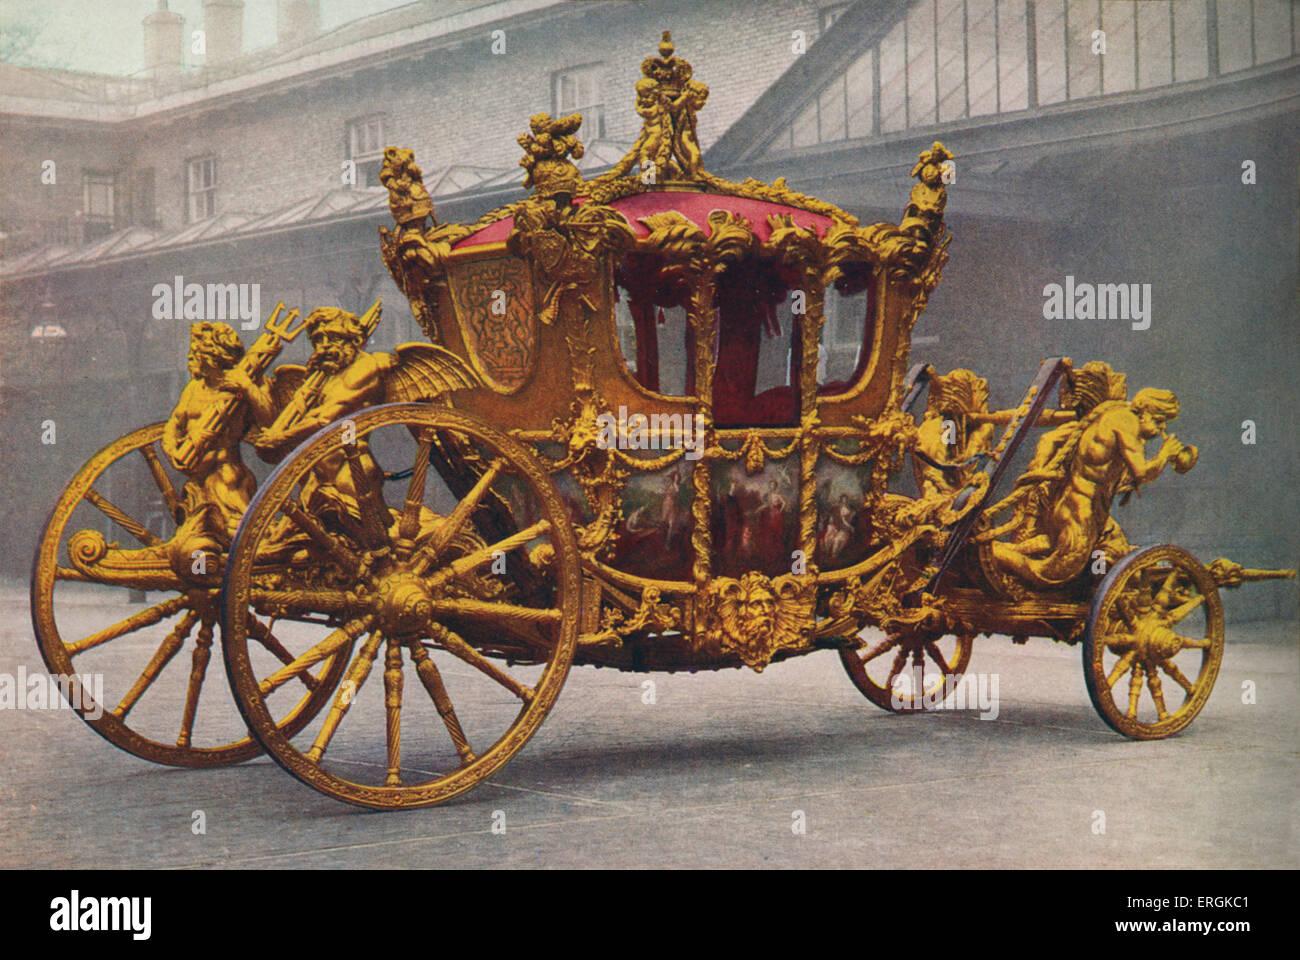 El carro del Rey con motivo de la coronación de George VI, 1936. El carro utilizado en la coronación fue Imagen De Stock